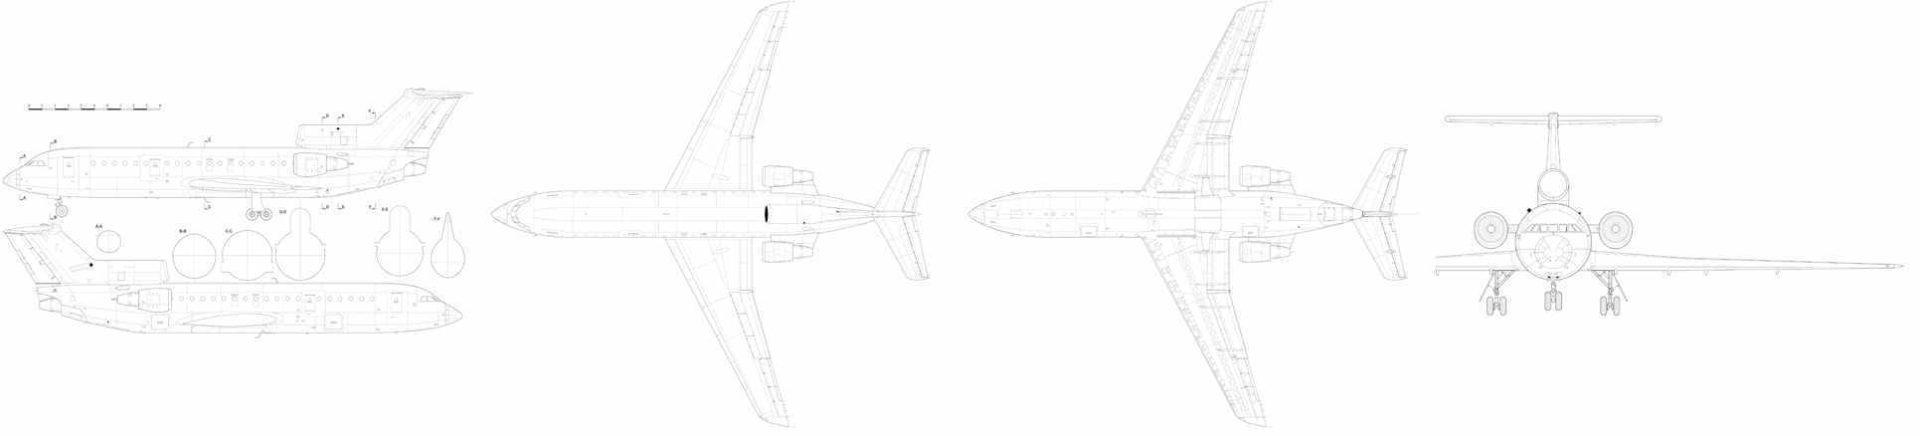 Яковлев Як-42Д чертежи